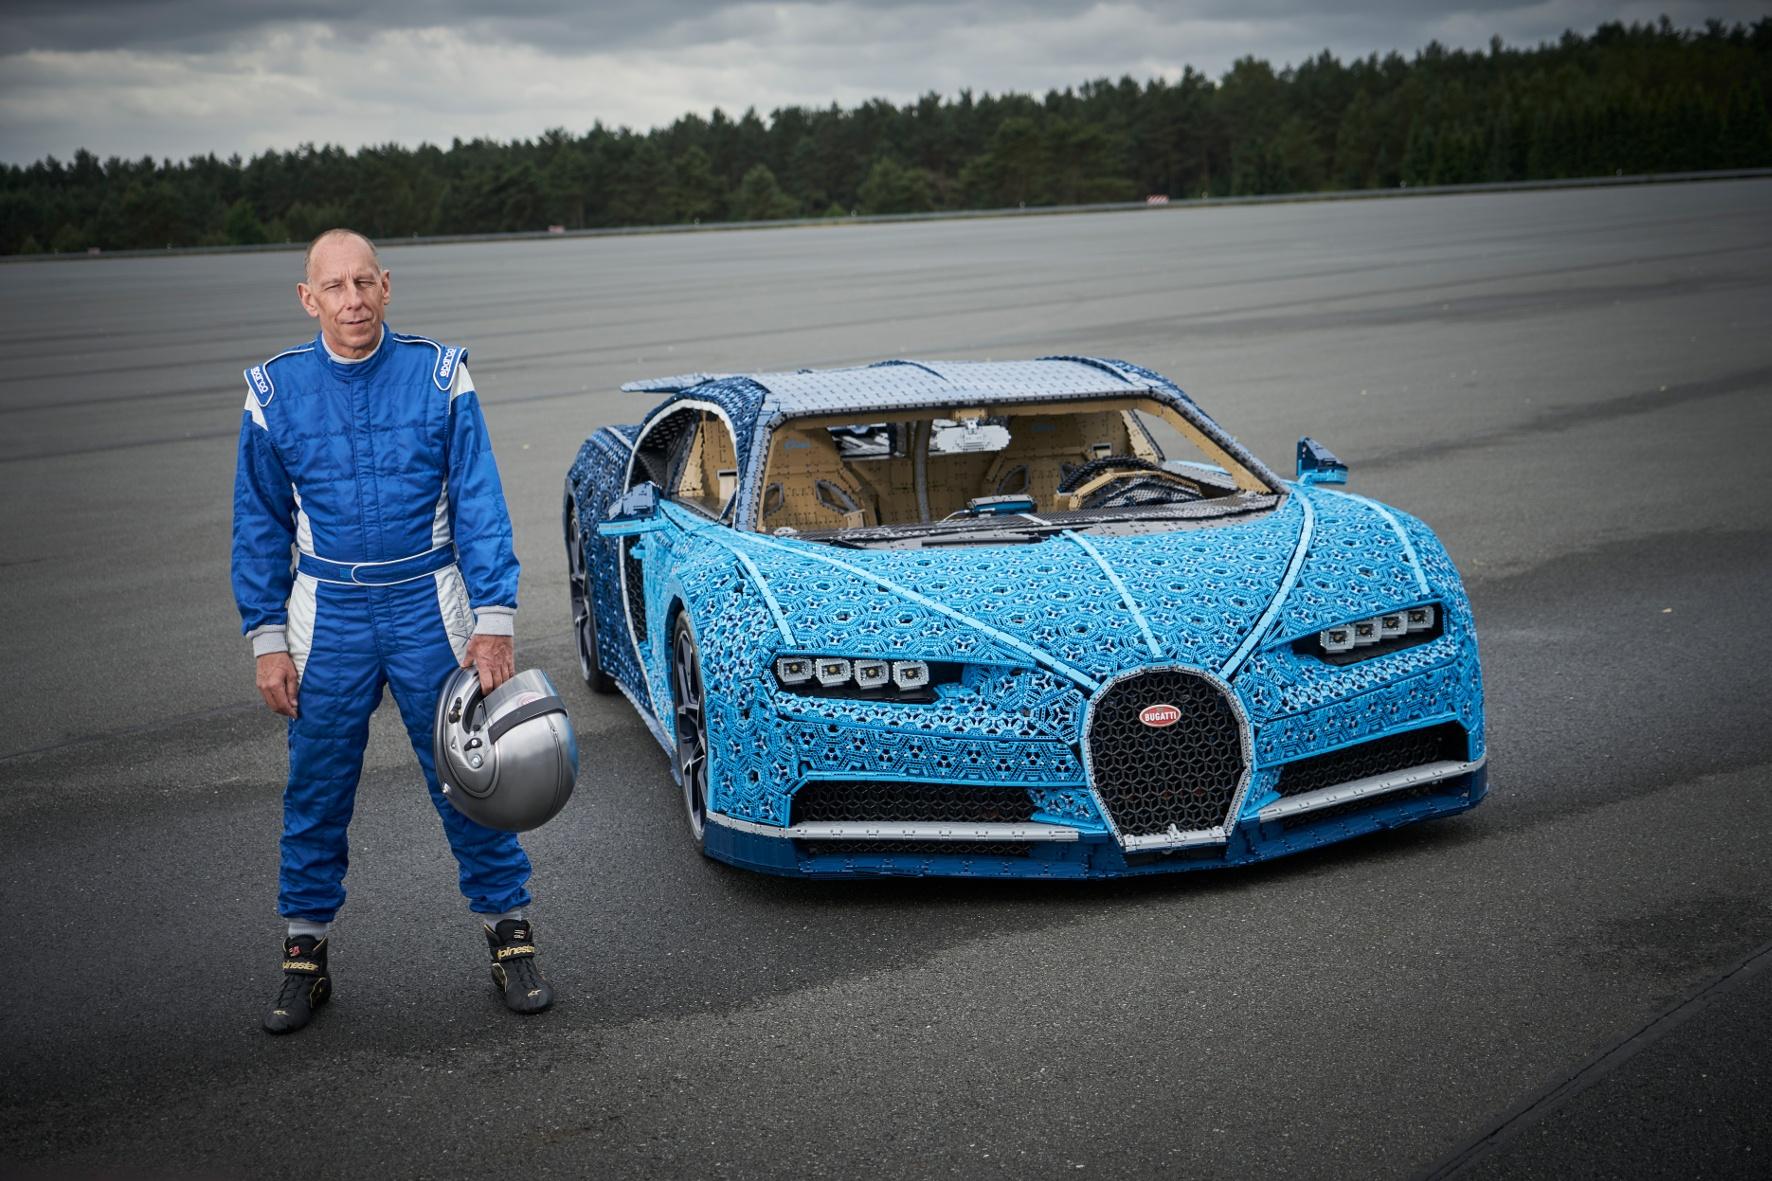 Das Bugatti Modell des dänischen Spielzeugherstellers. © The LEGO Group/ TRD lifestyle